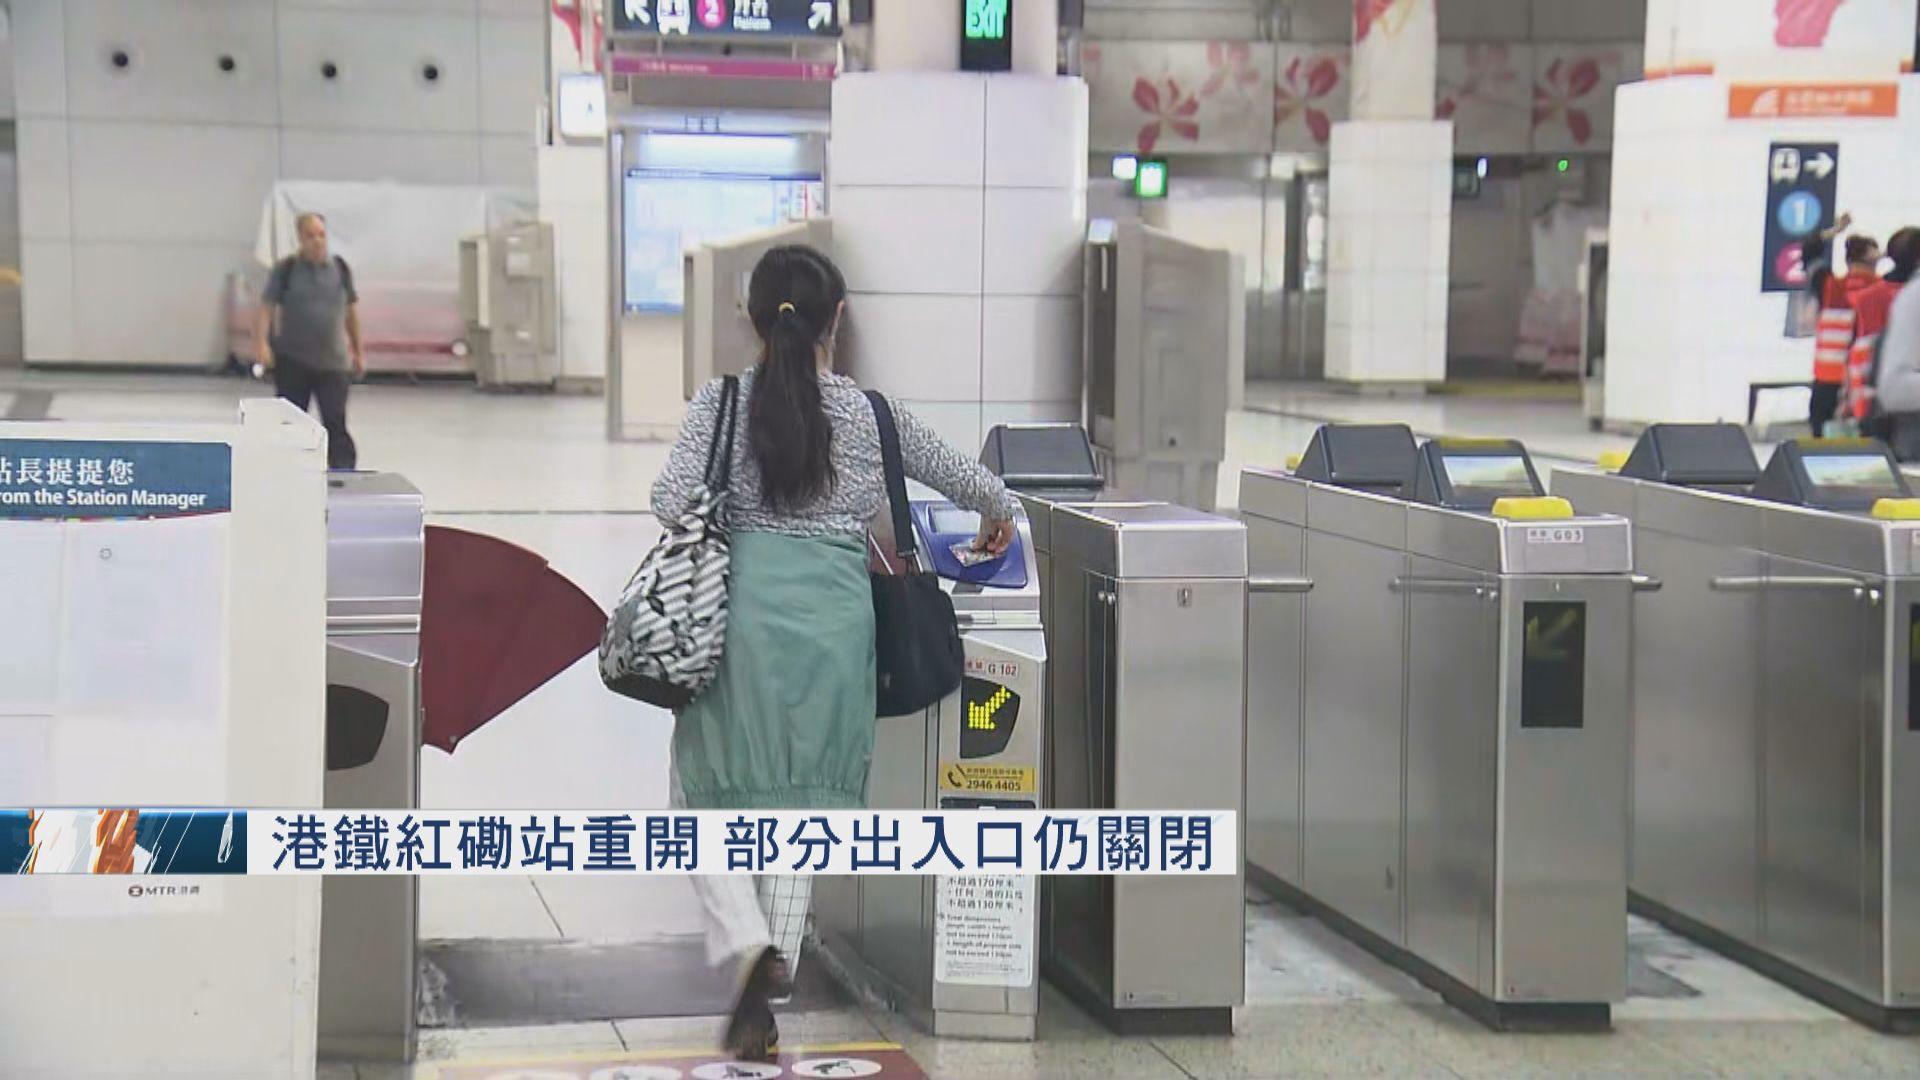 港鐵紅磡站重開 部分出入口仍關閉